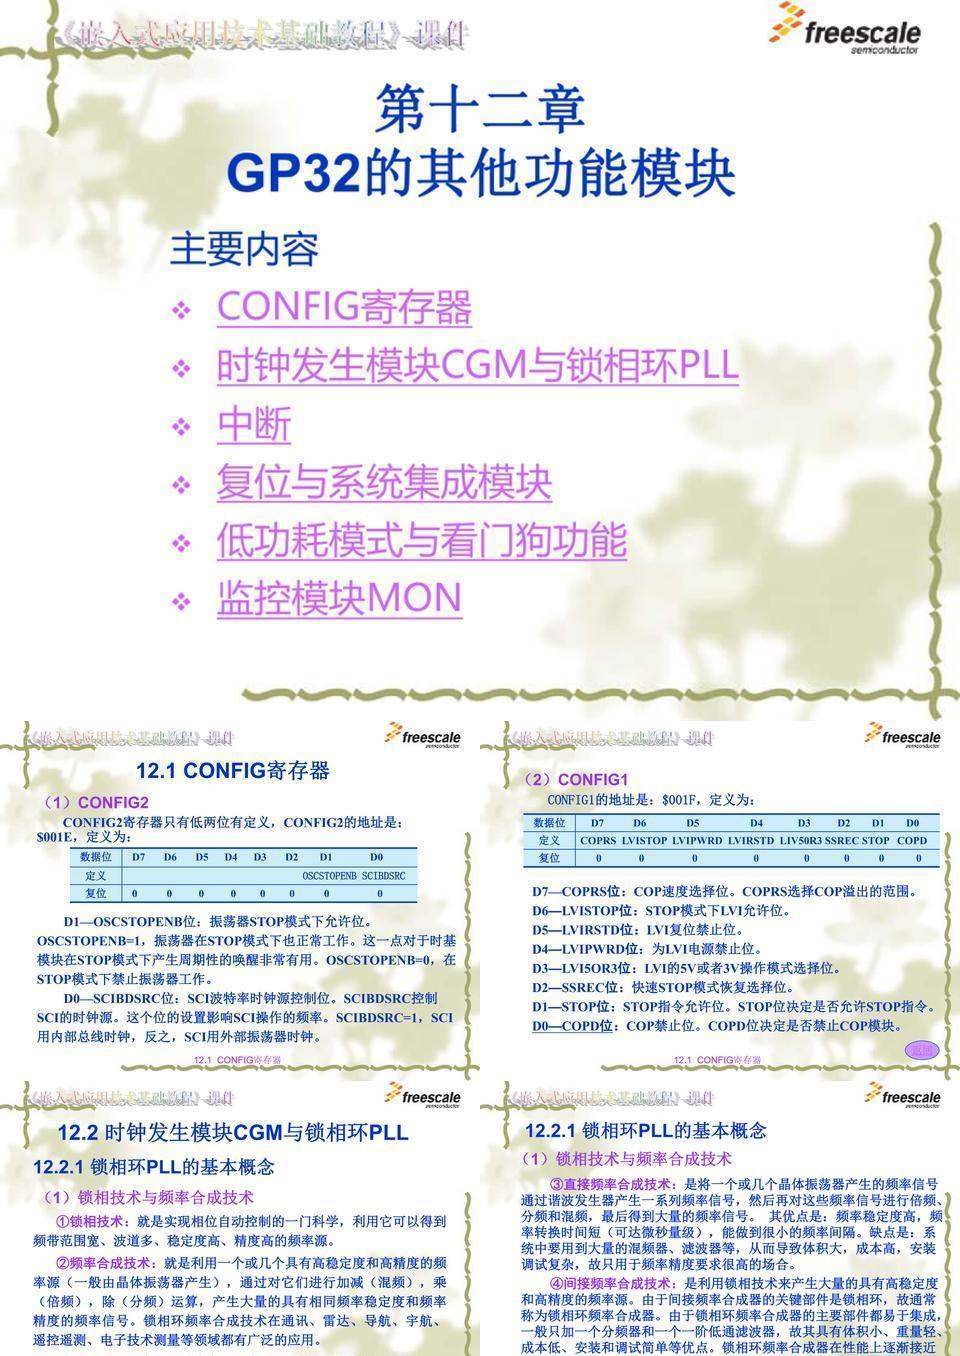 飞思卡尔8位单片机MC9S08 12 GP32的其他功能模块.ppt